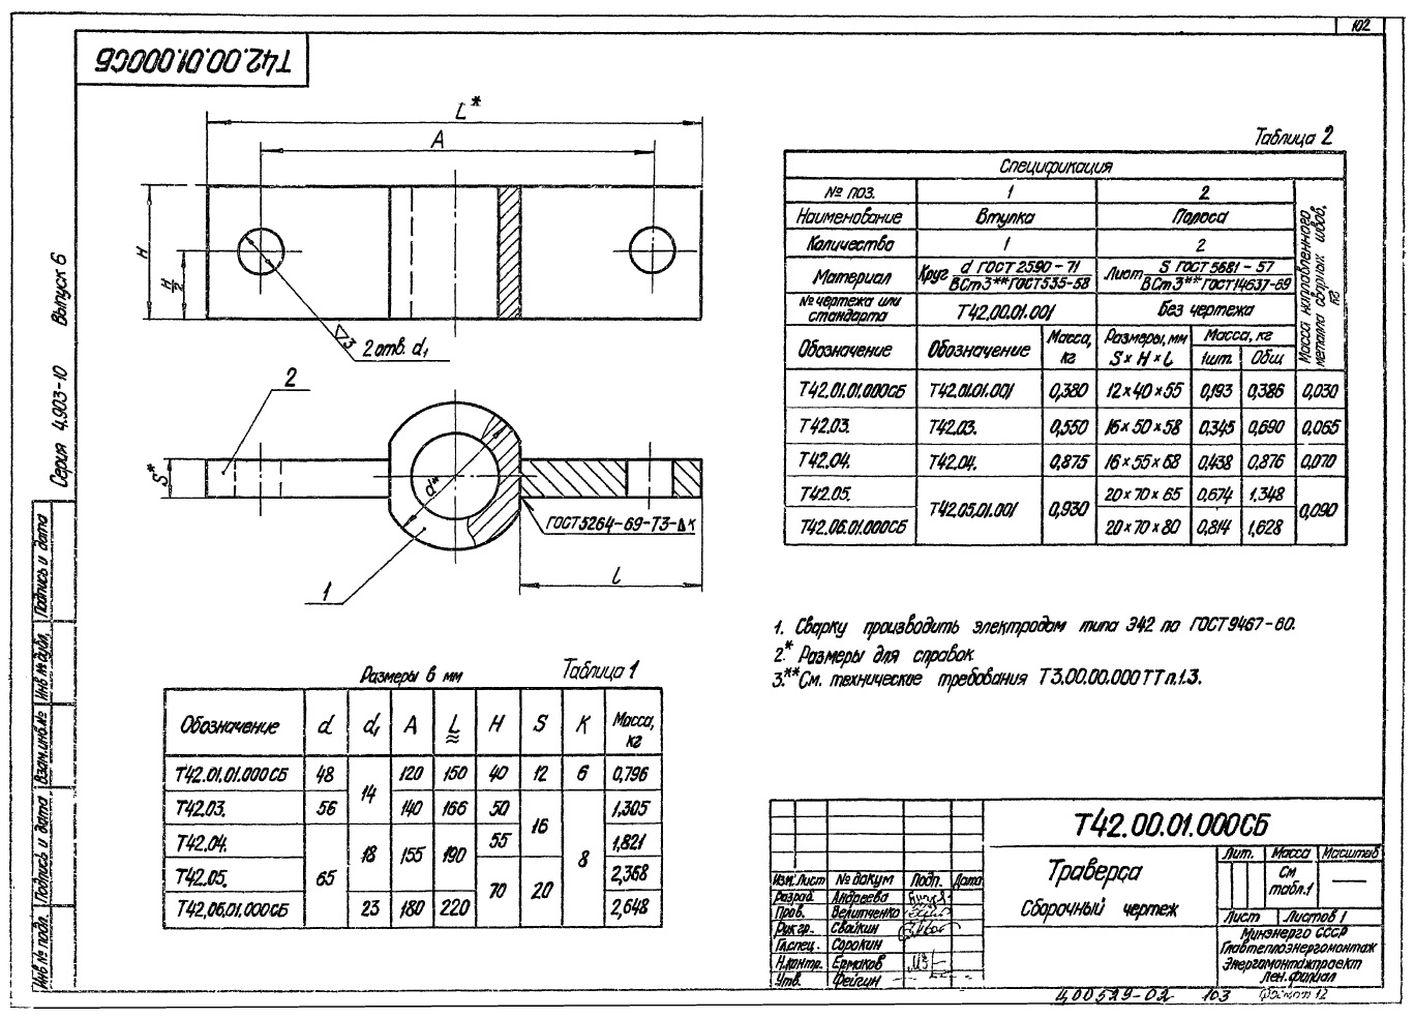 Разгружающее устройство для блоков пружин Т42.00.00.000 стр.3